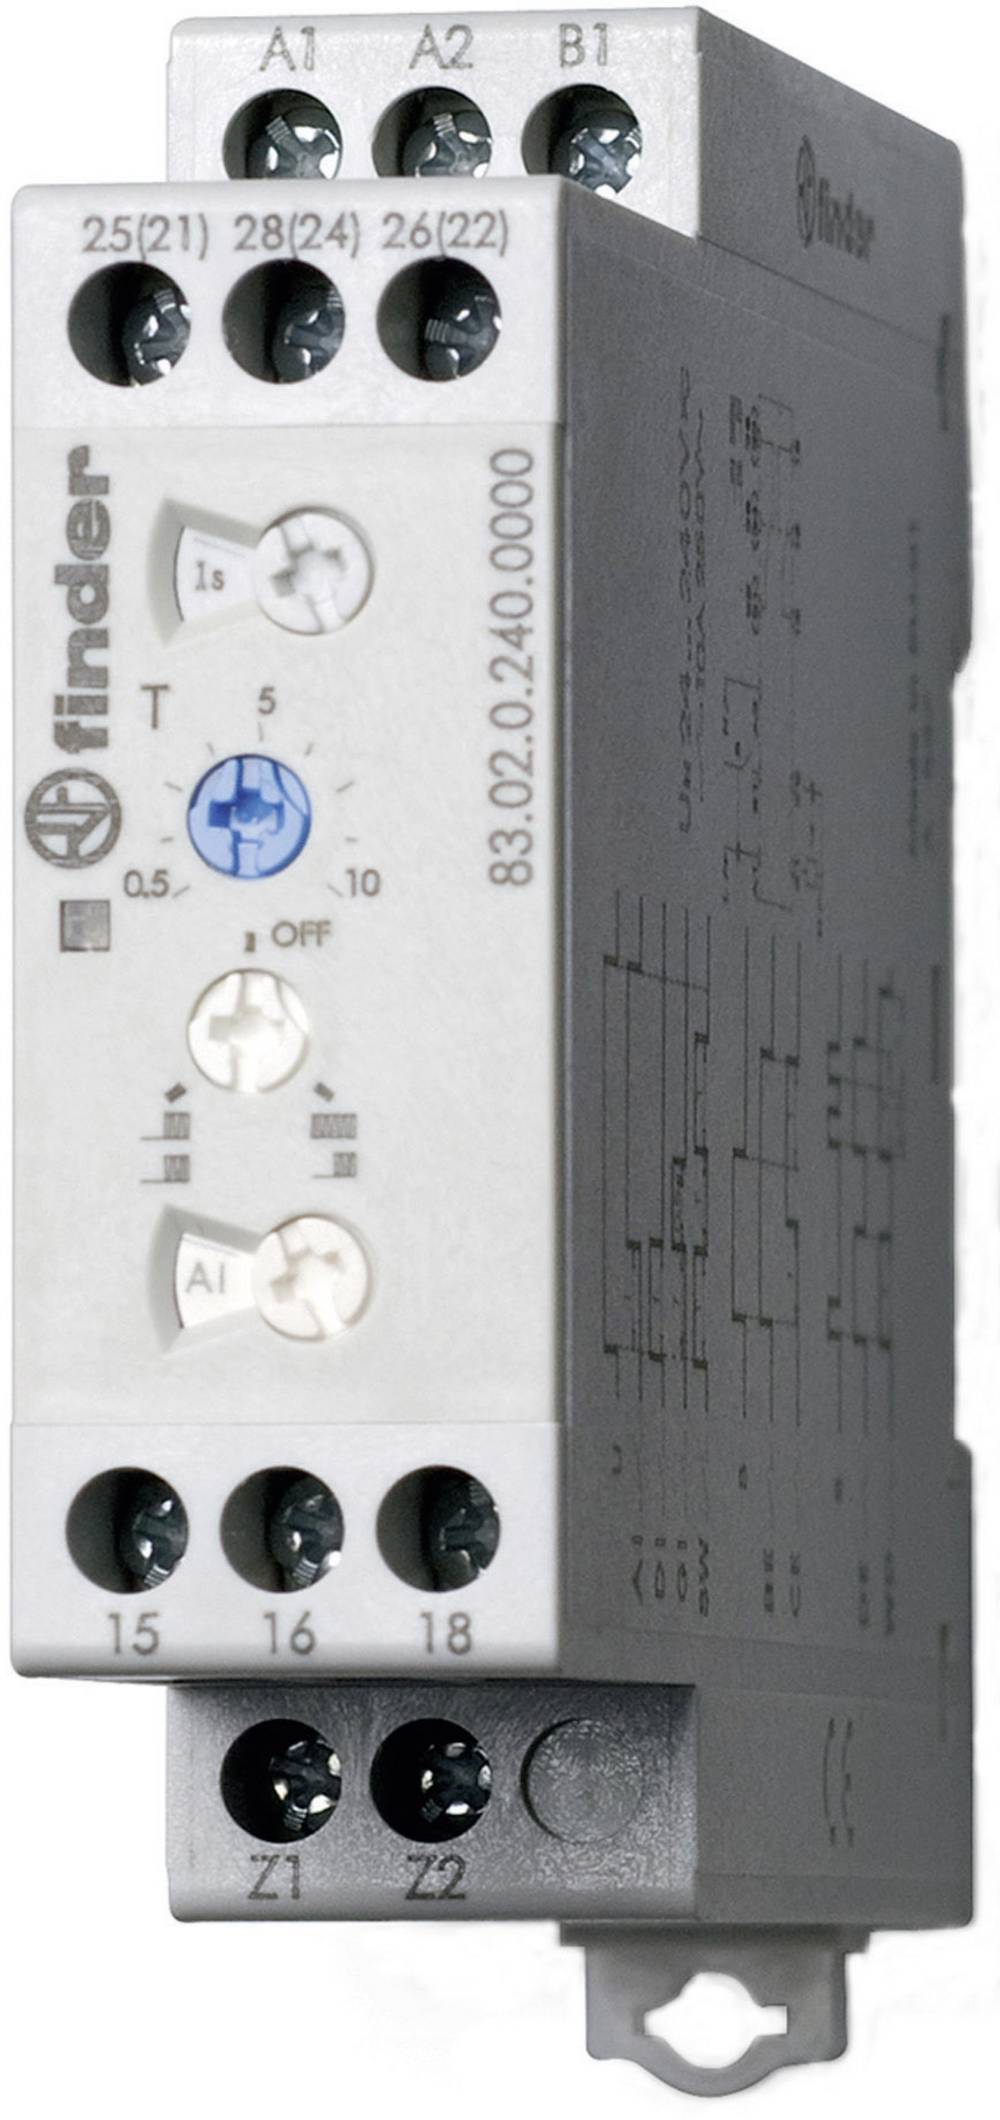 Multifunkcijski industrijski časovni rele 83.02.0.240.0000 Finder 24 - 240 V DC/AC 2 izmenjevalnik 10 A maks. 400 V/AC